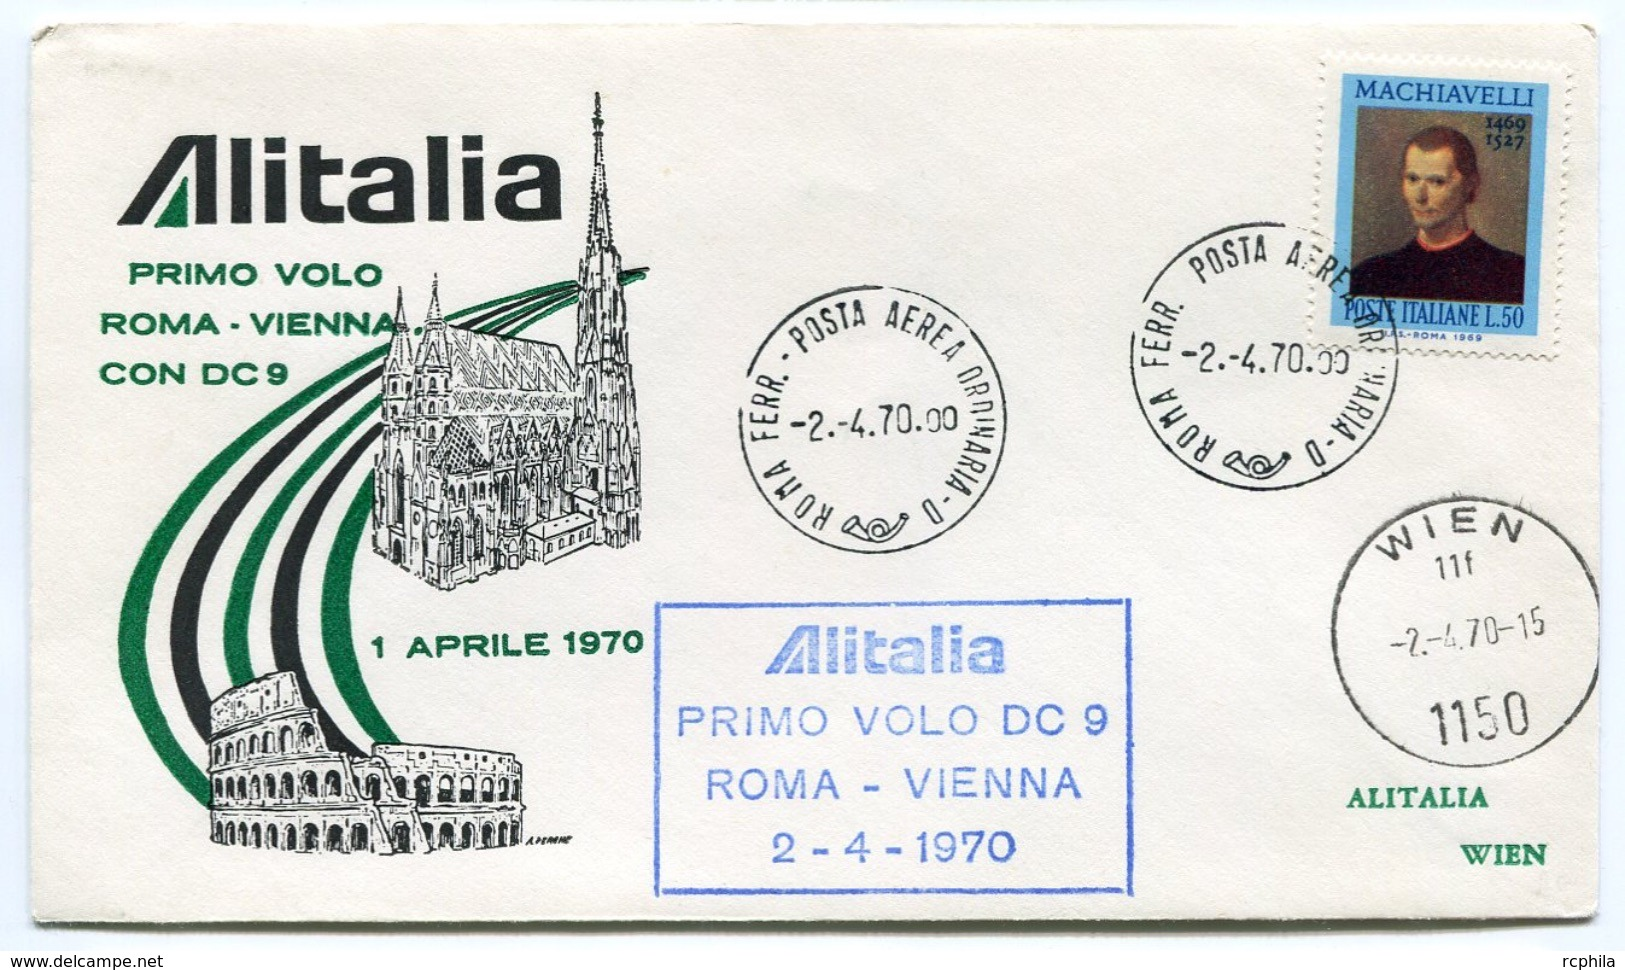 RC 6665 ITALIE 1970 1er VOL ROMA - VIENNA AUTRICHE FFC LETTRE COVER - Posta Aerea